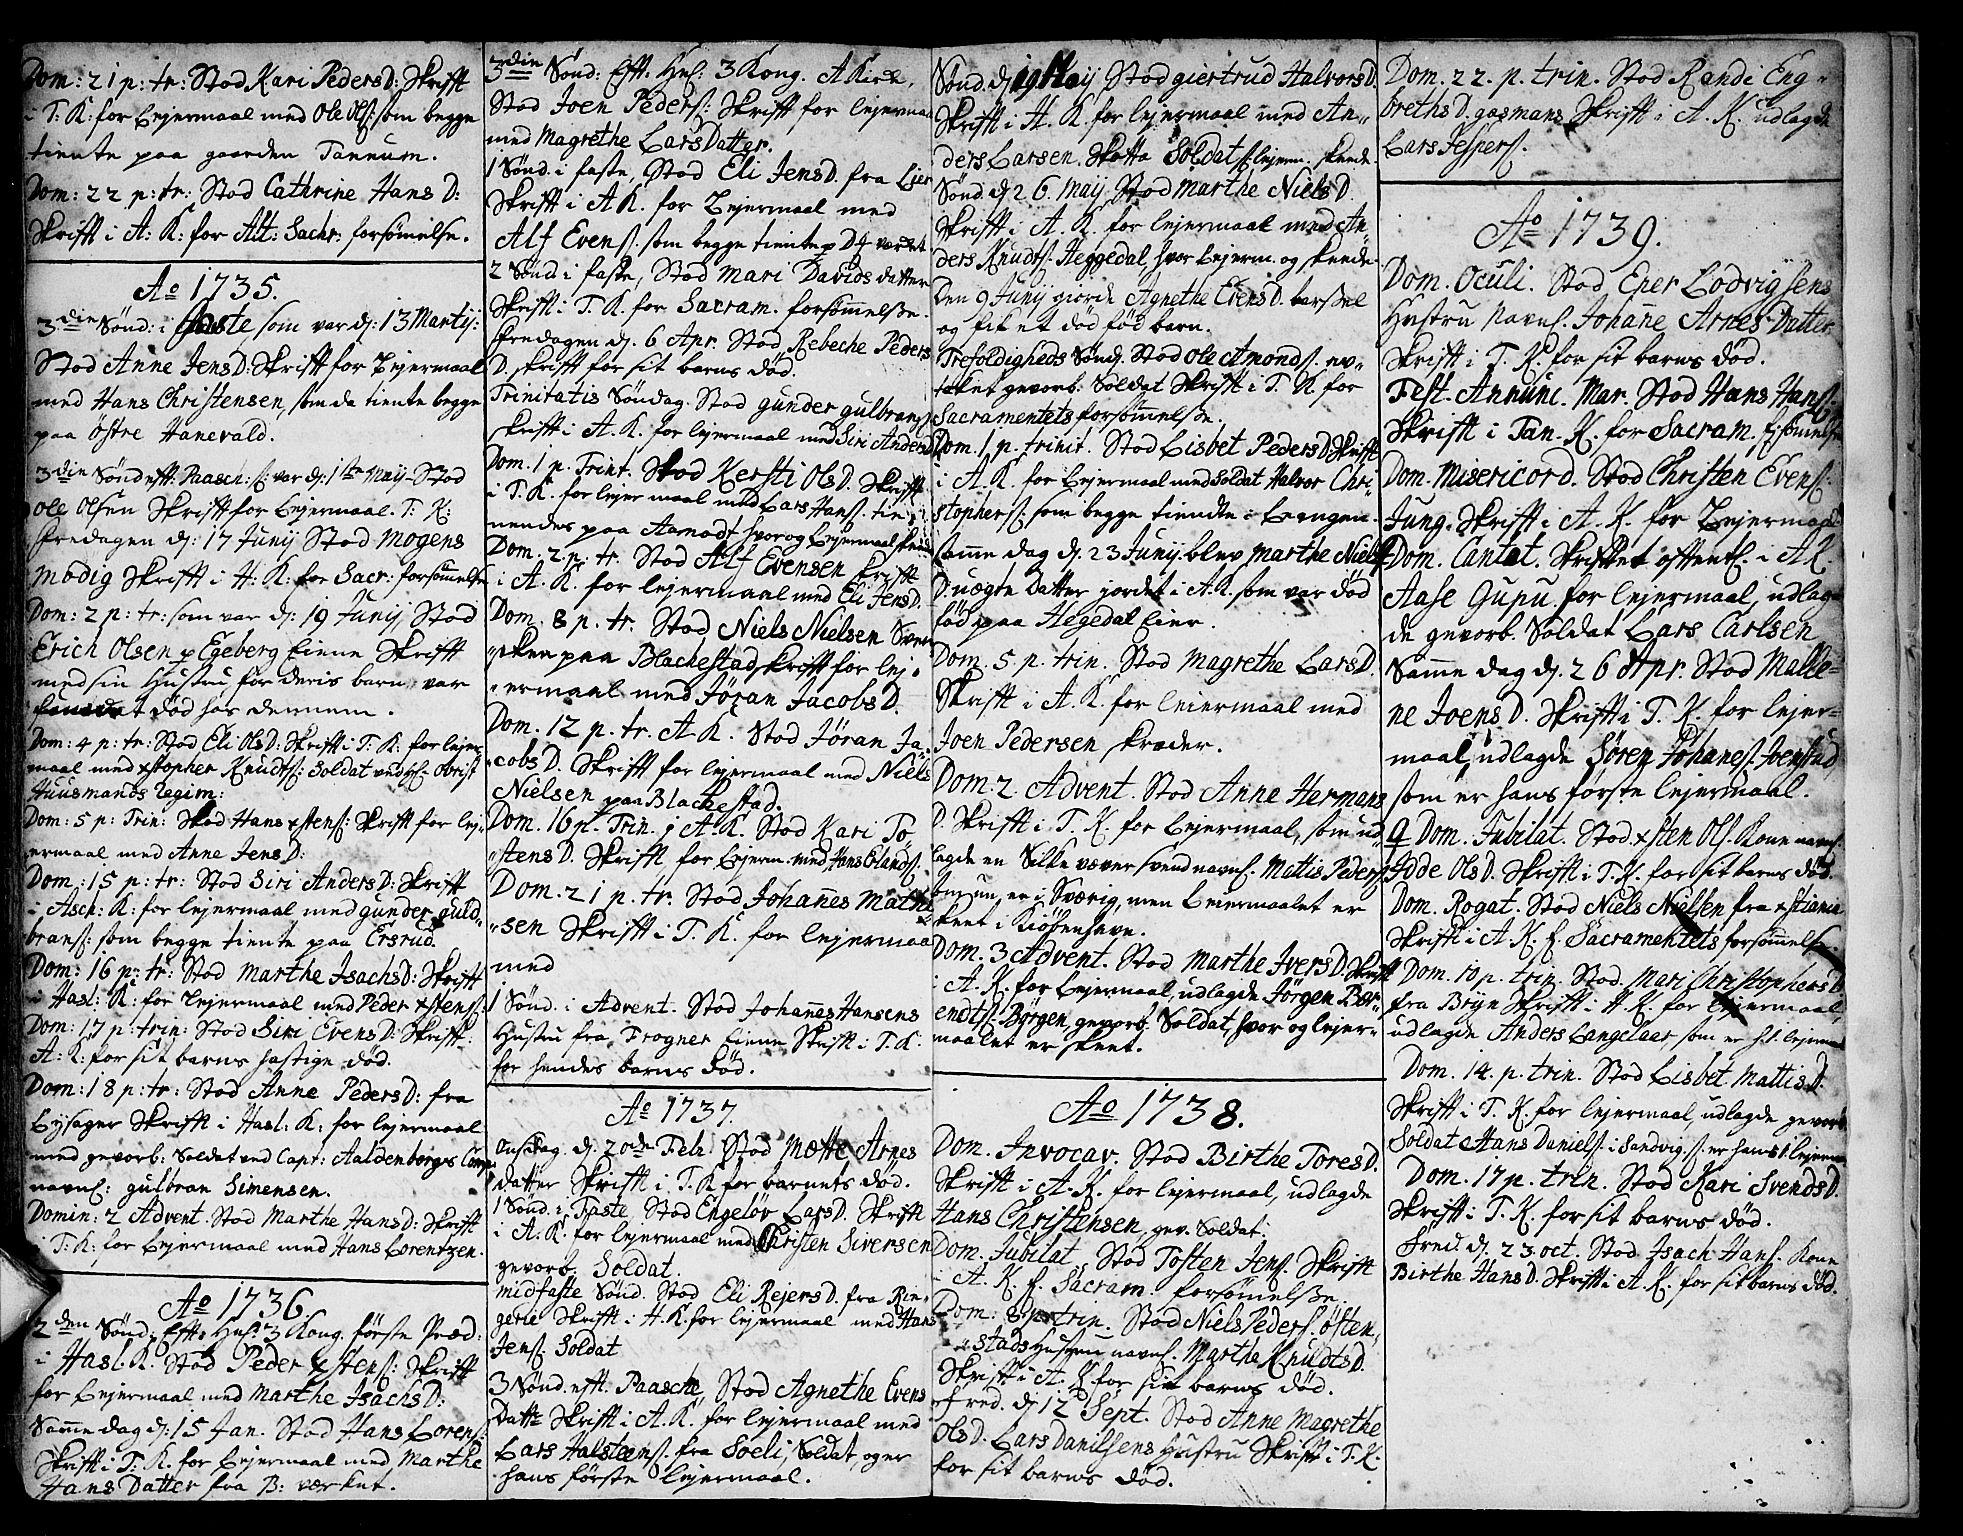 SAO, Asker prestekontor Kirkebøker, F/Fa/L0001: Ministerialbok nr. I 1, 1726-1744, s. 114